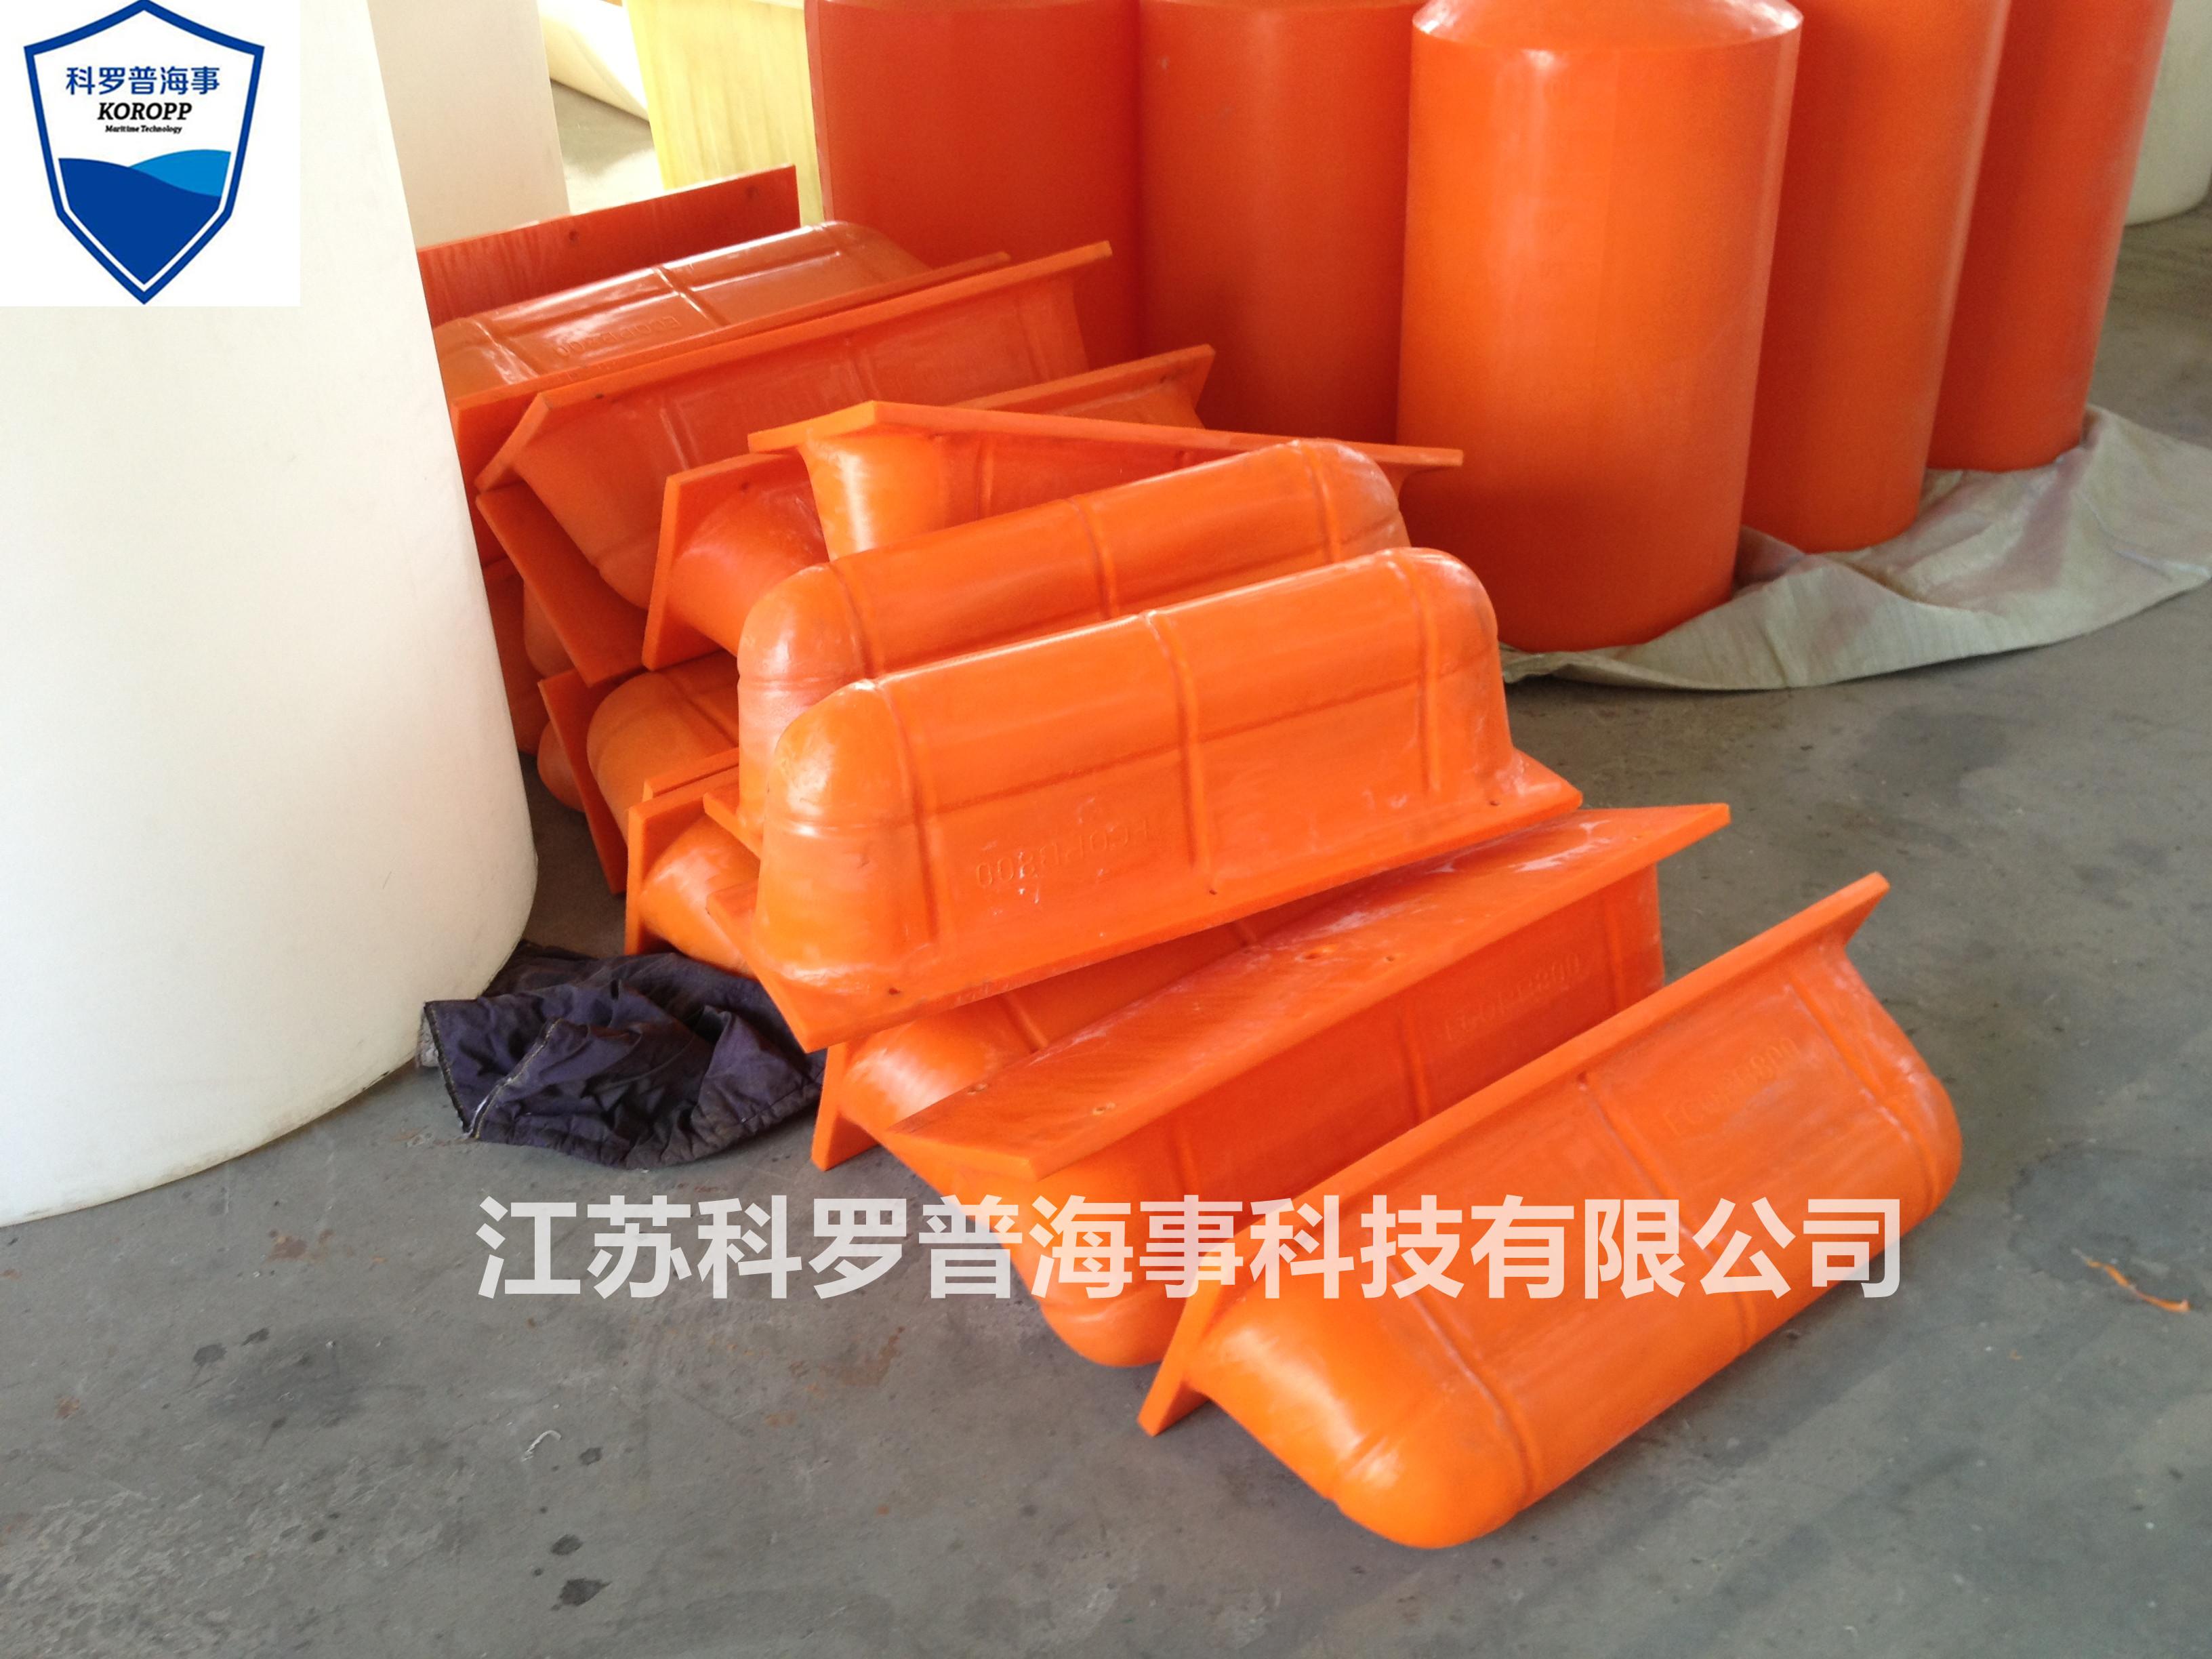 水源地拦截水面漂浮物警示橙色浮漂